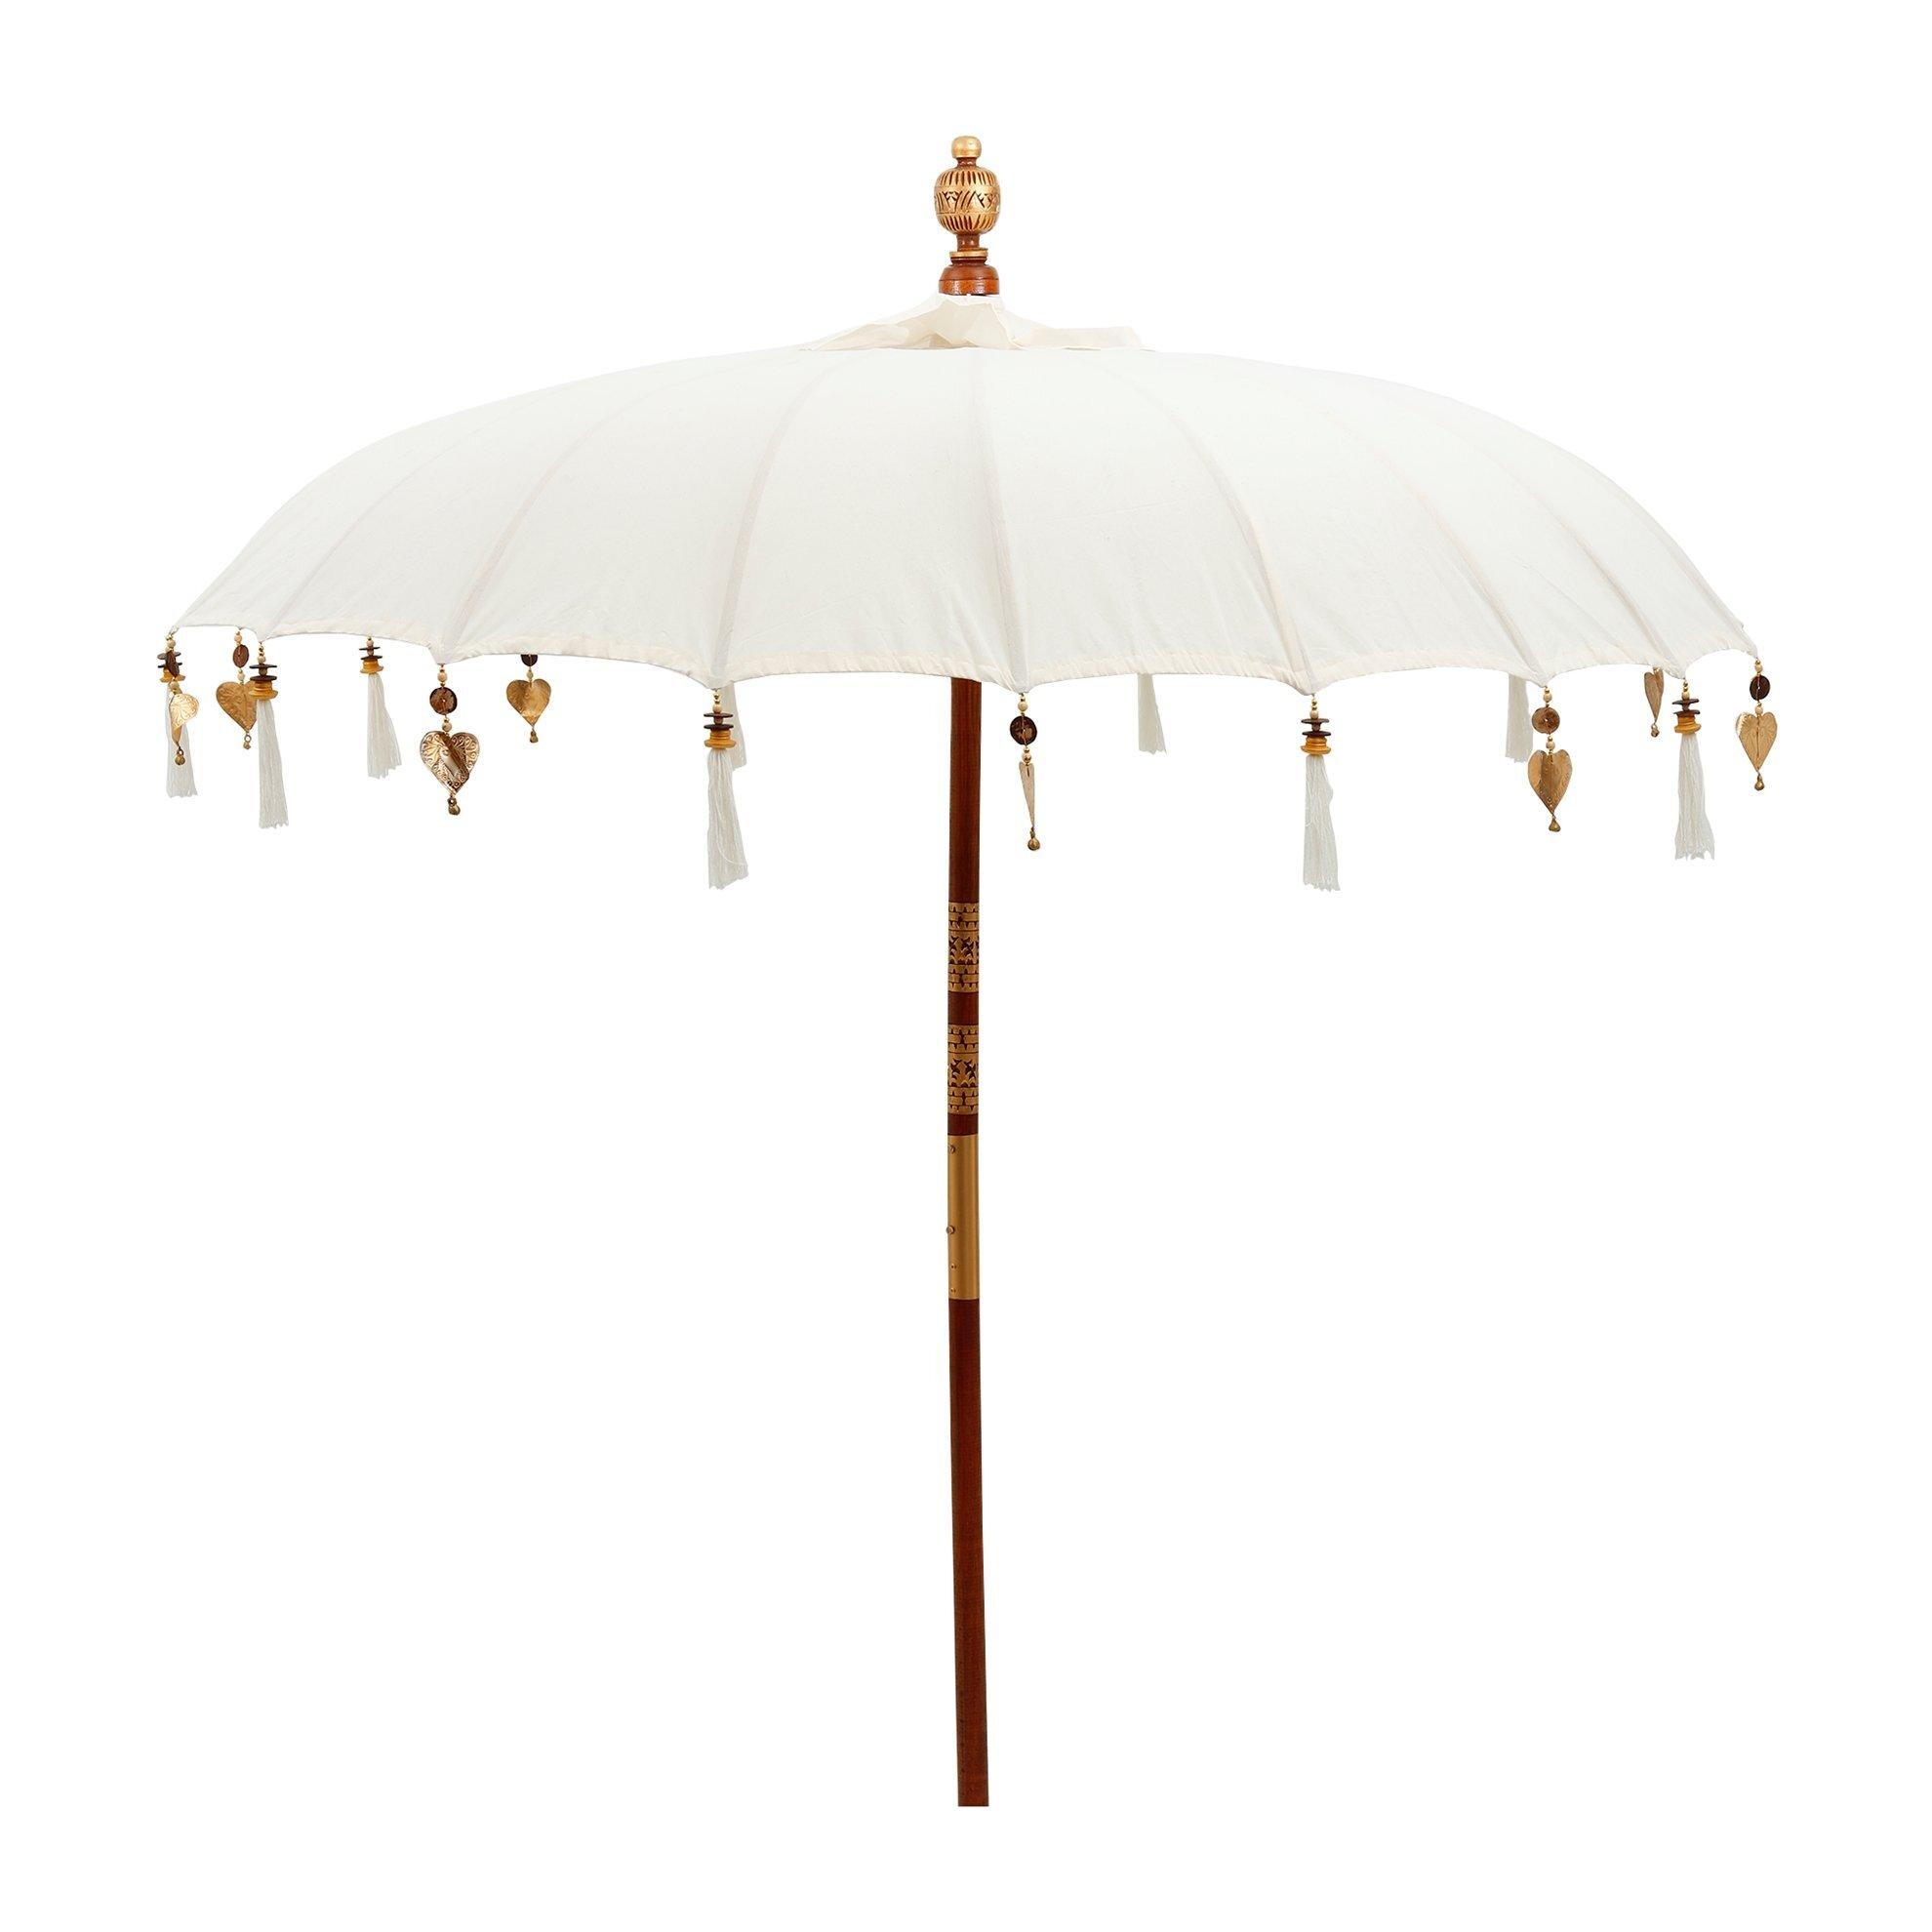 Bahçe Şemsiyesi (200x250cm)